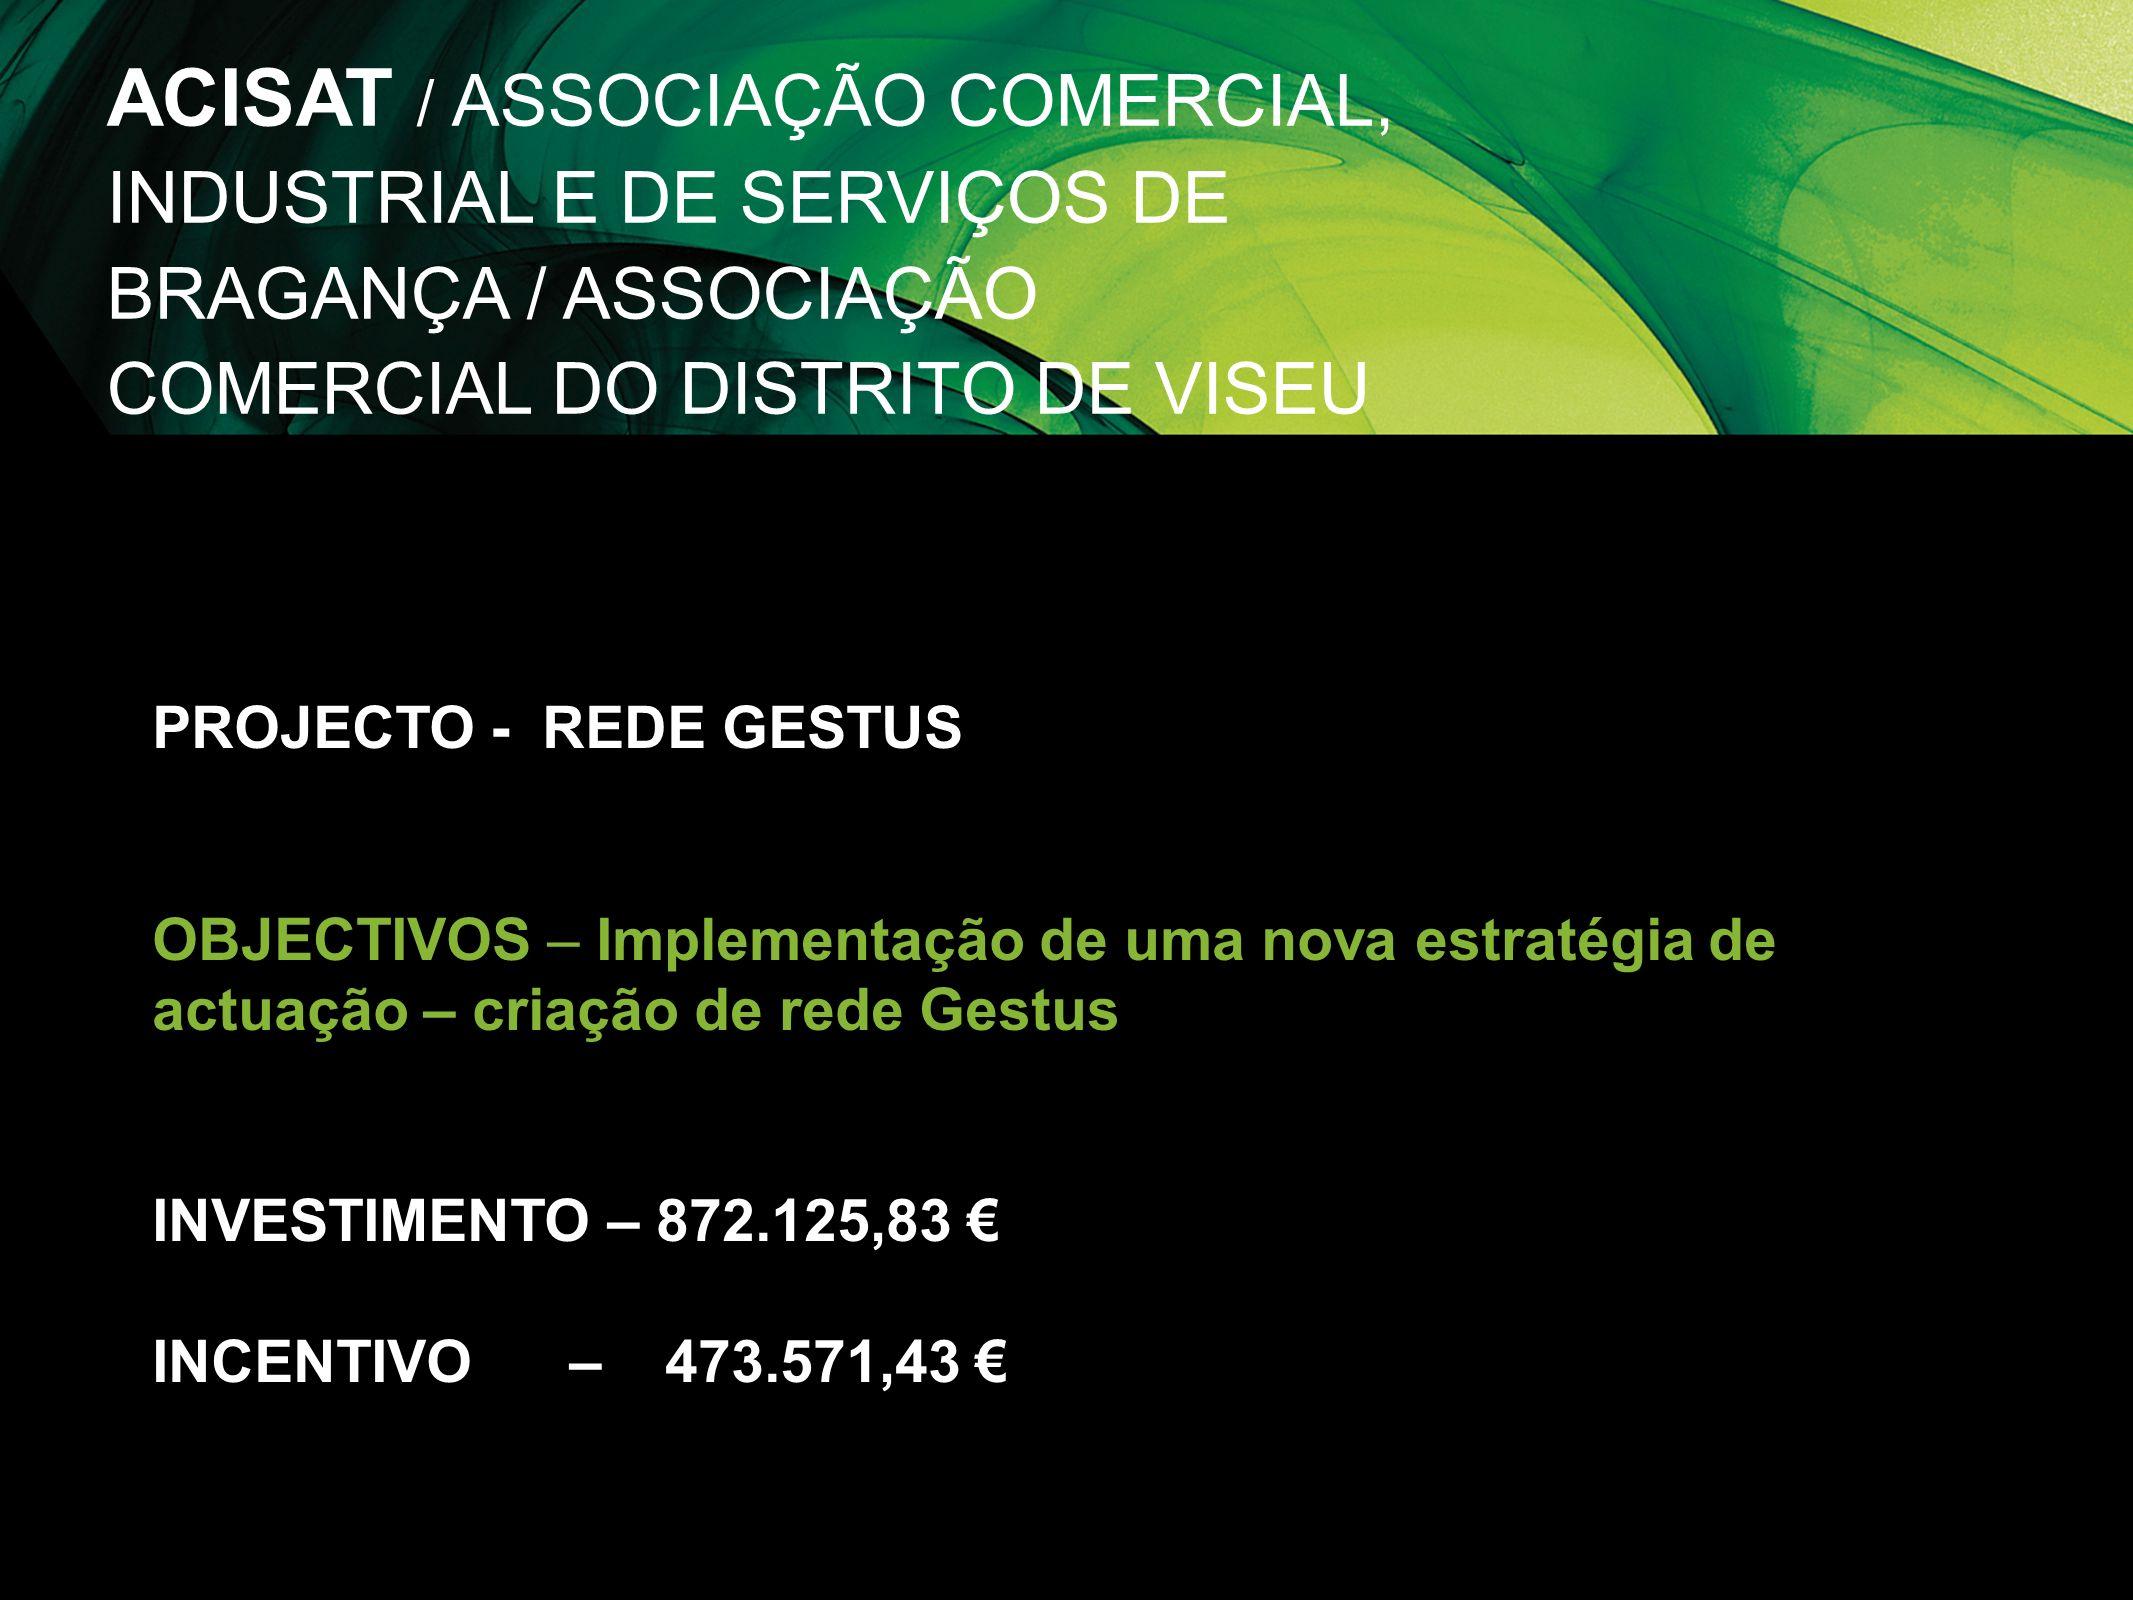 ACISAT / ASSOCIAÇÃO COMERCIAL, INDUSTRIAL E DE SERVIÇOS DE BRAGANÇA / ASSOCIAÇÃO COMERCIAL DO DISTRITO DE VISEU